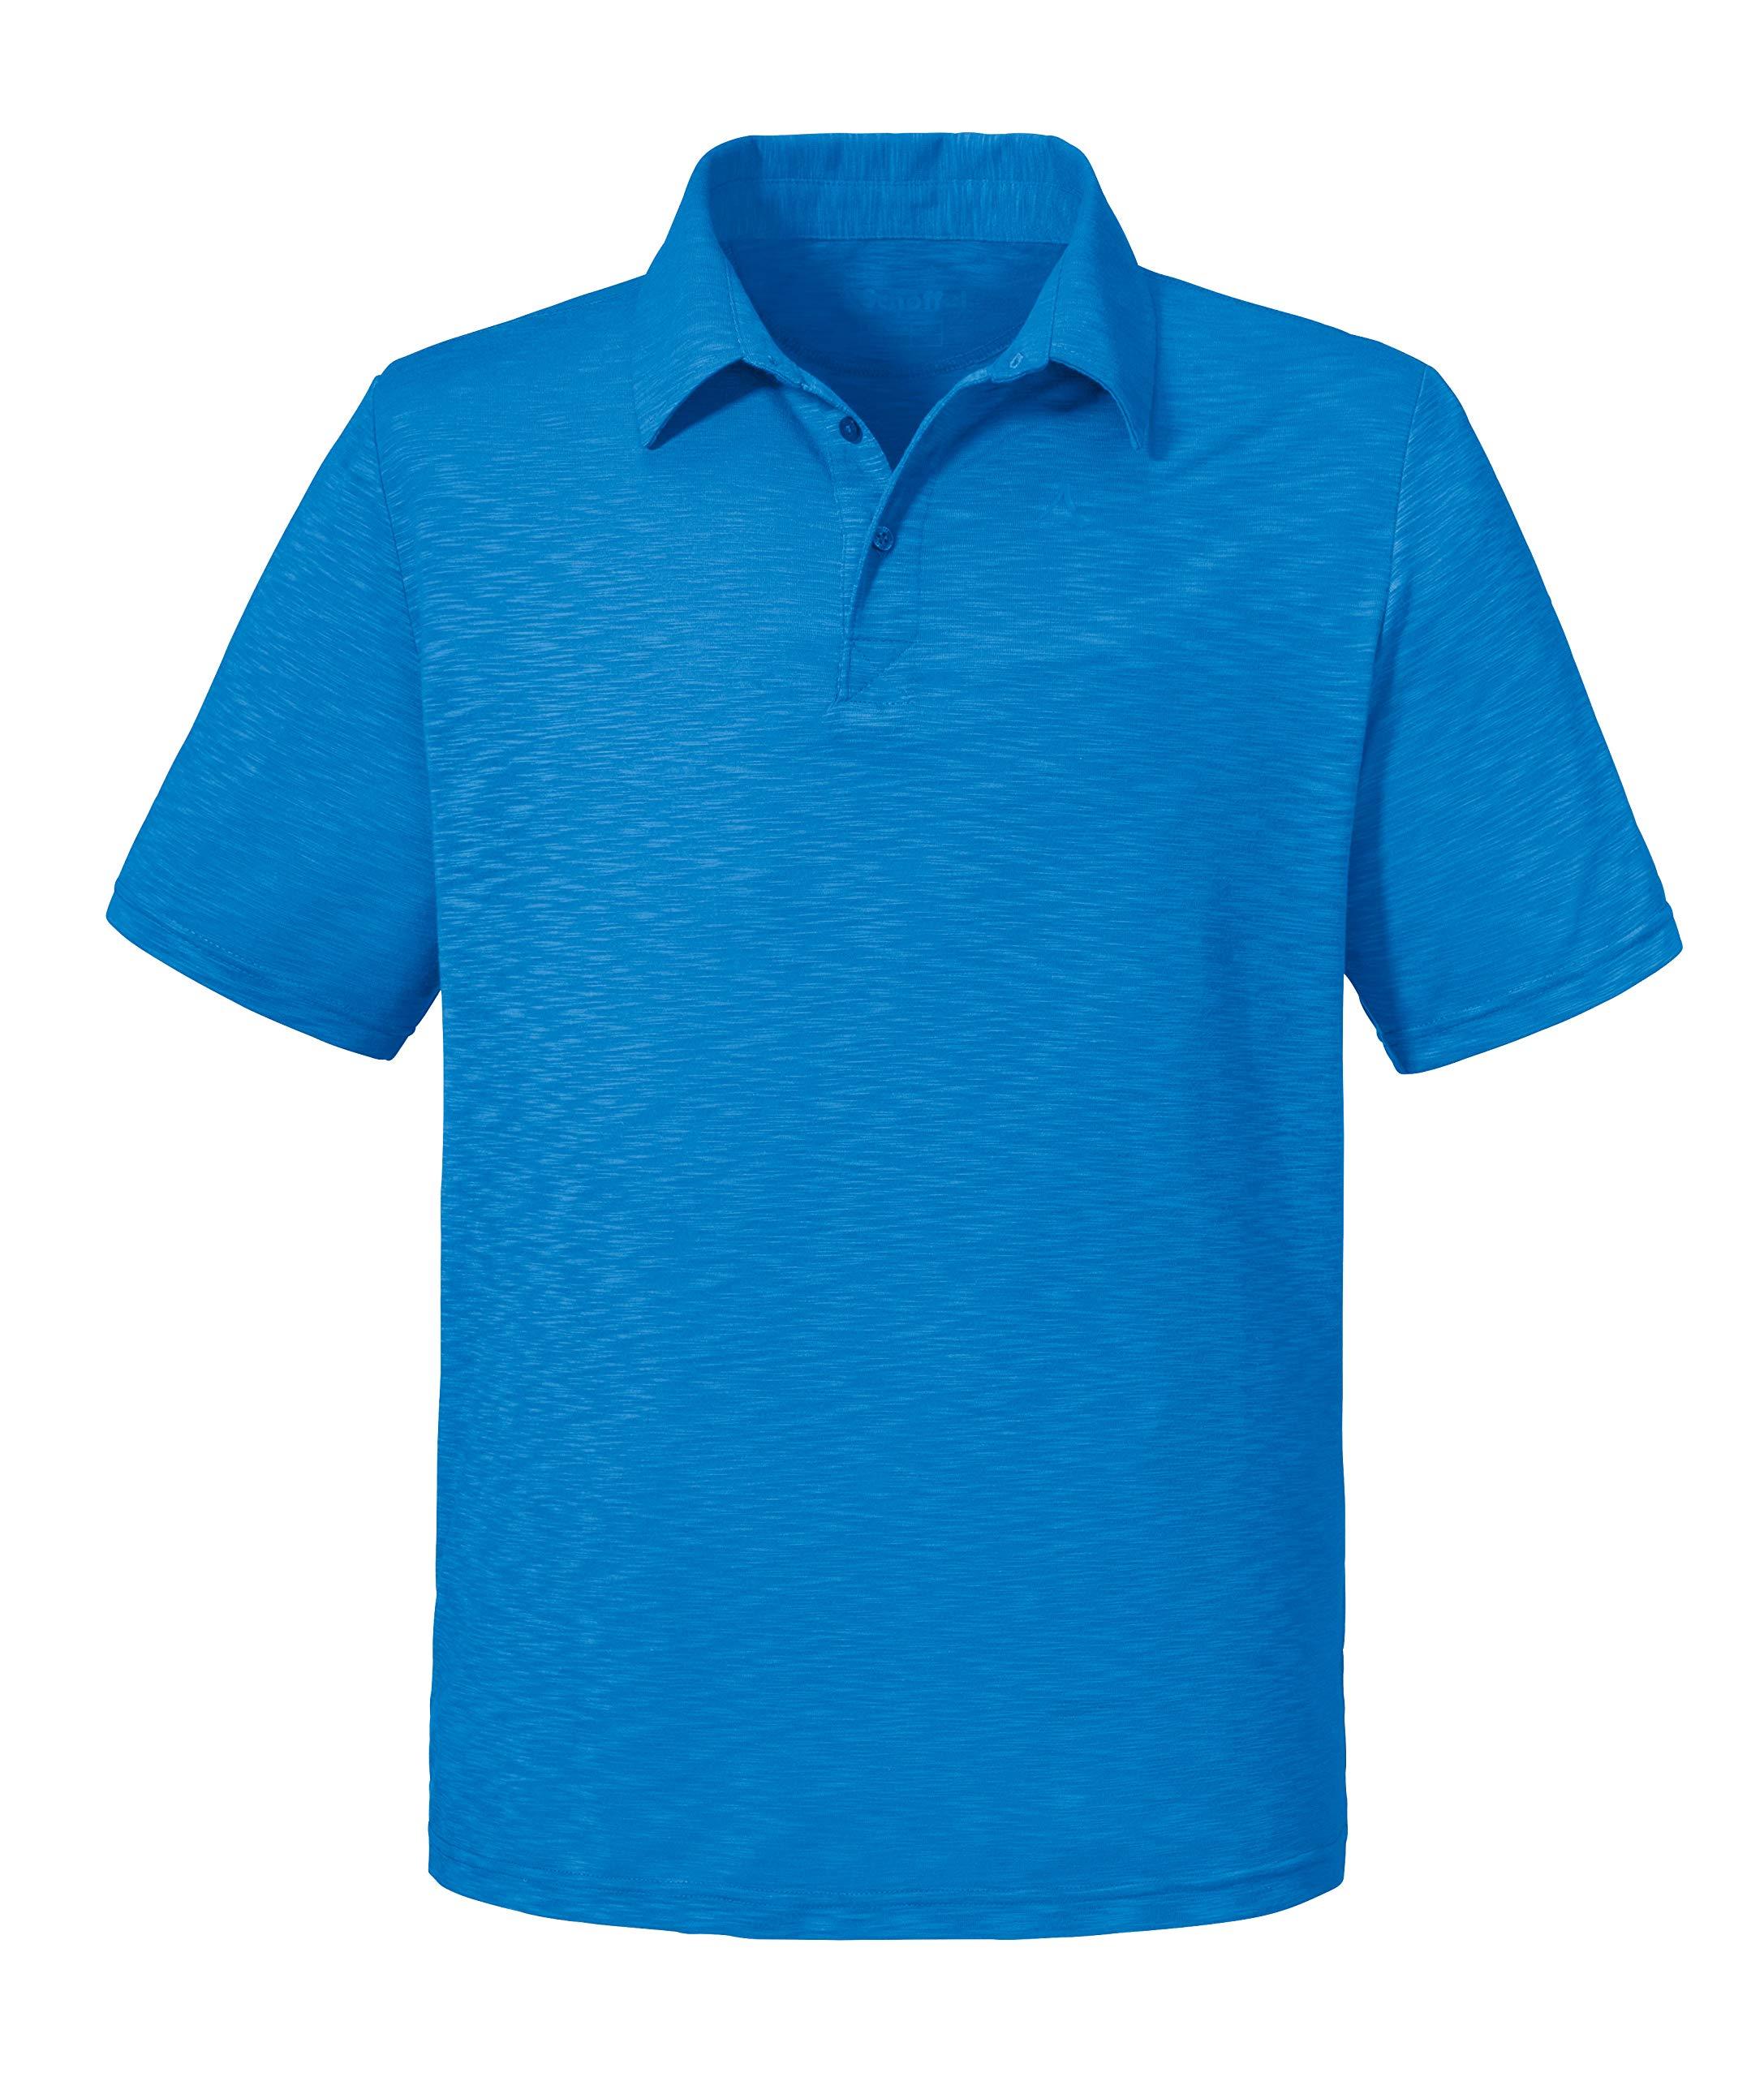 Schöffel Polo Shirt Izmir1, bequemes und leichtes Polohemd aus 2-Wege-Stretch,